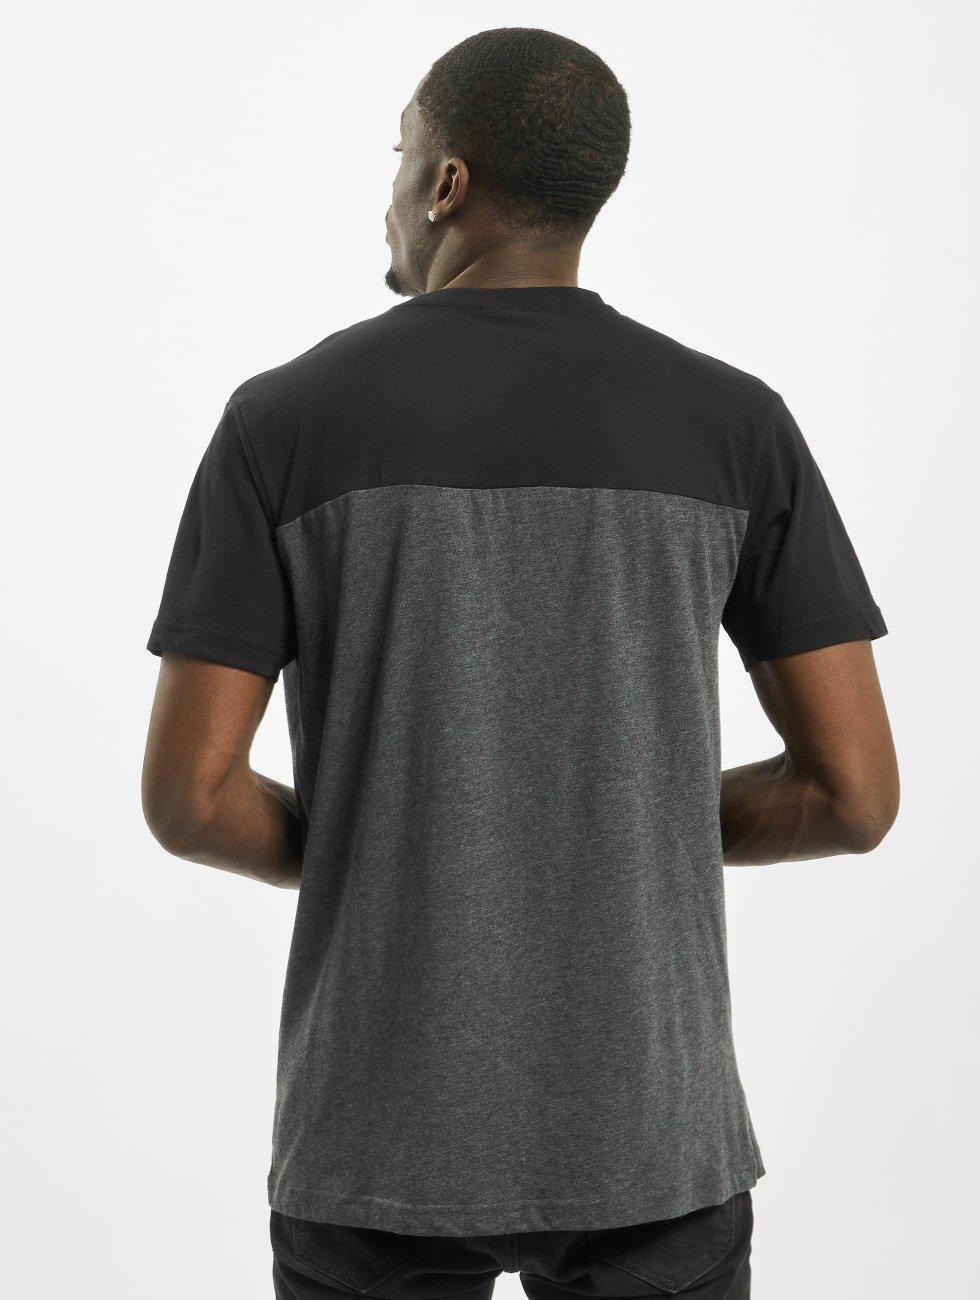 Urban Classics t-shirt 3-Tone Pocket grijs